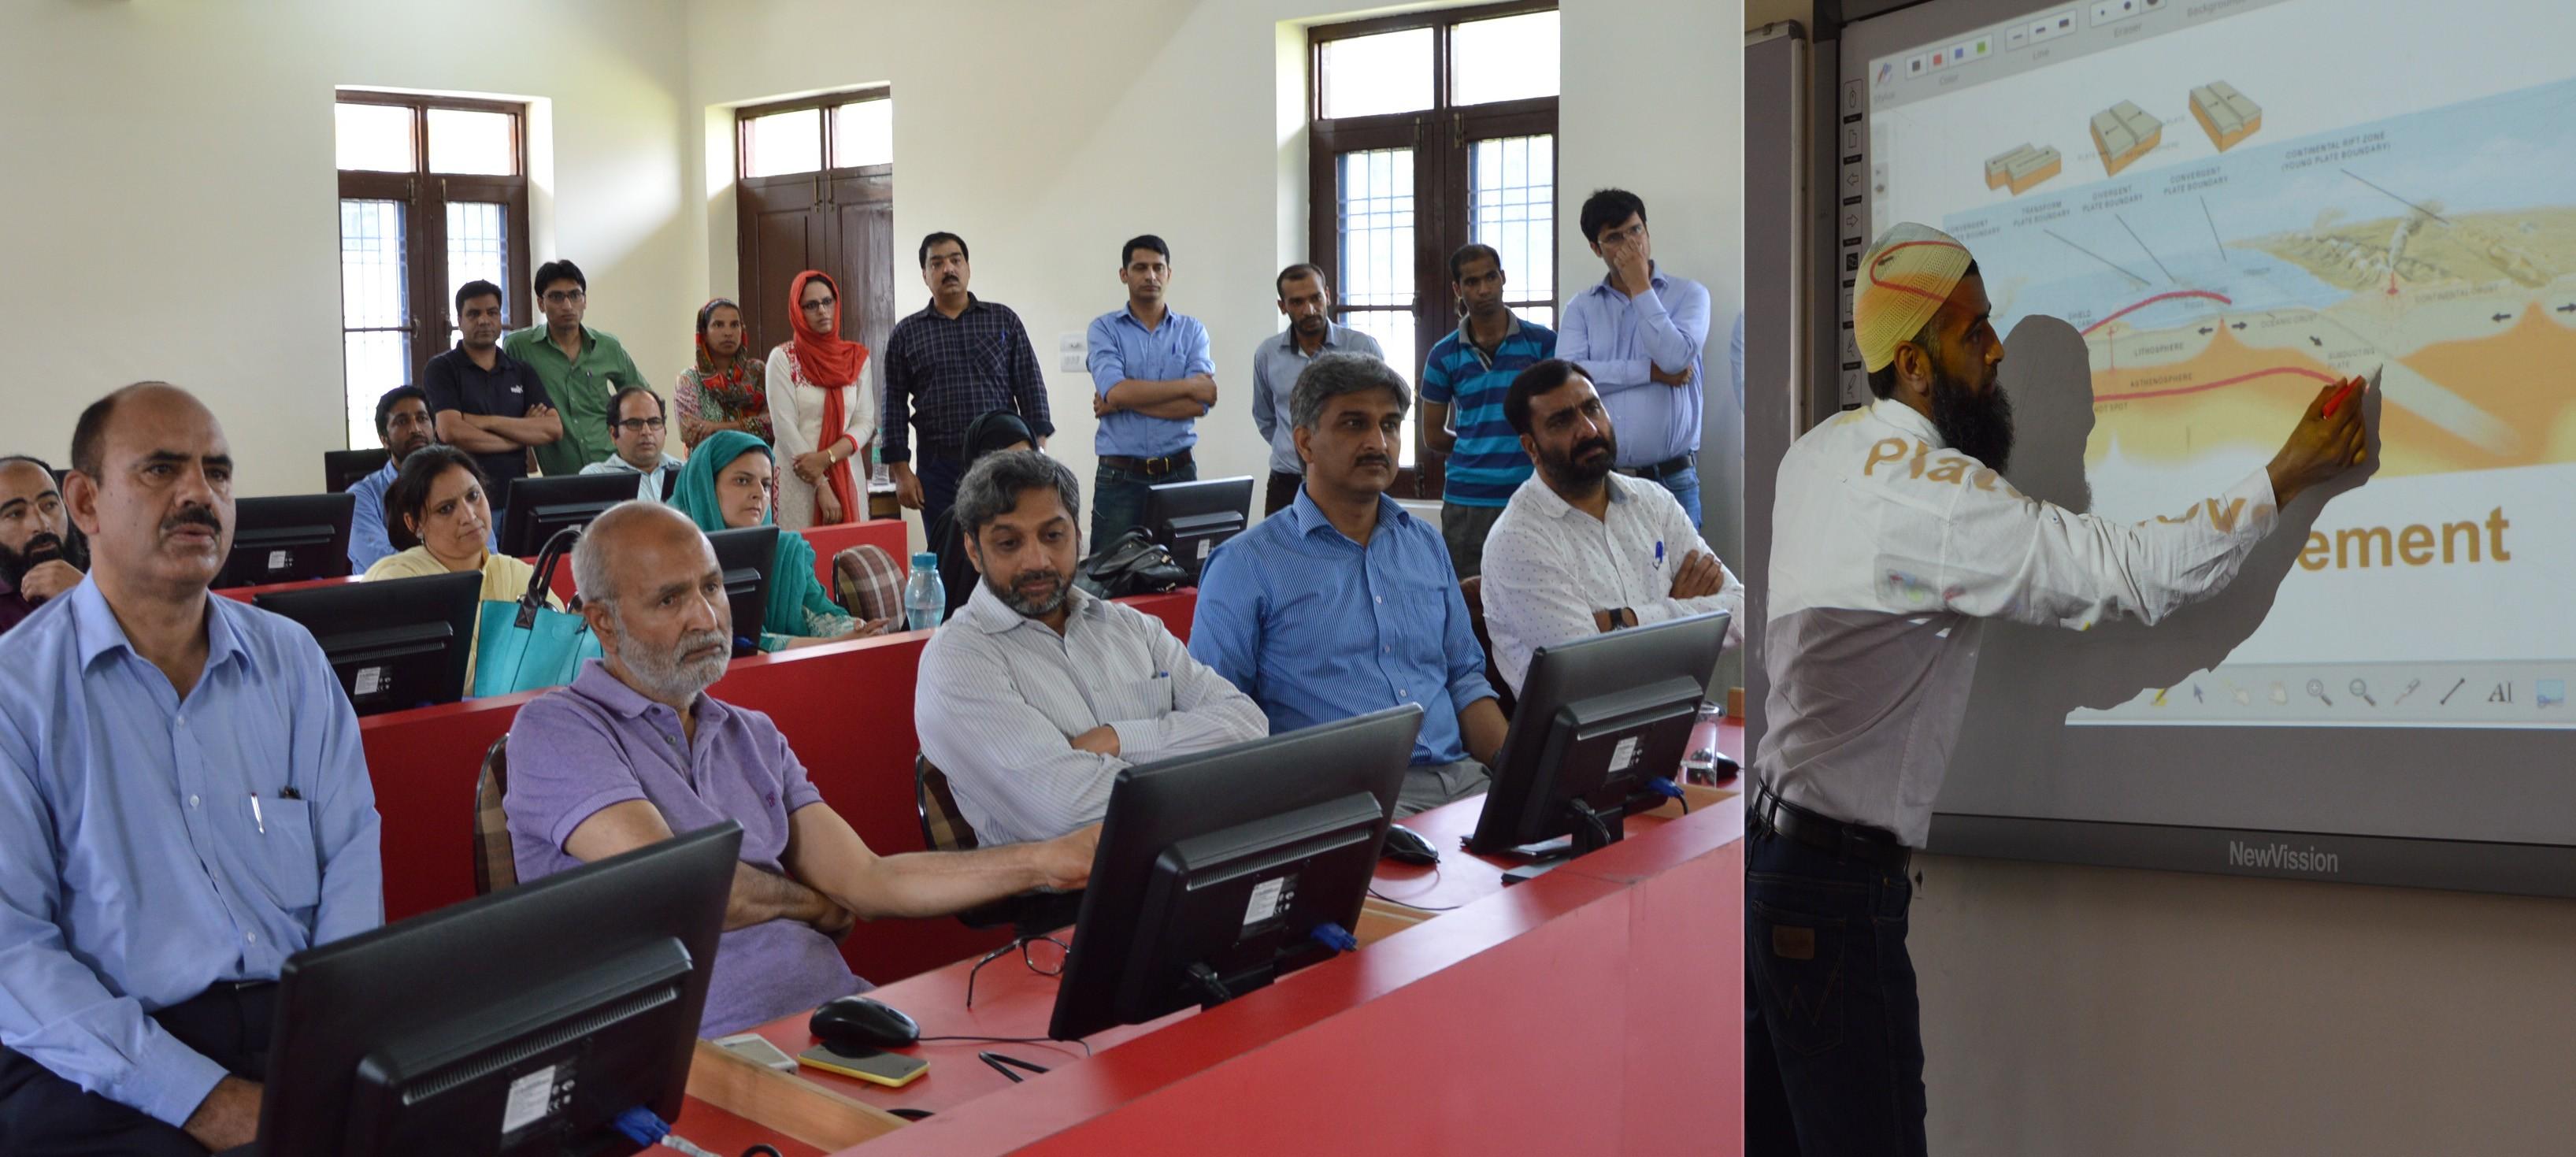 J&K has taken lead in starting smart classes: Akhtar